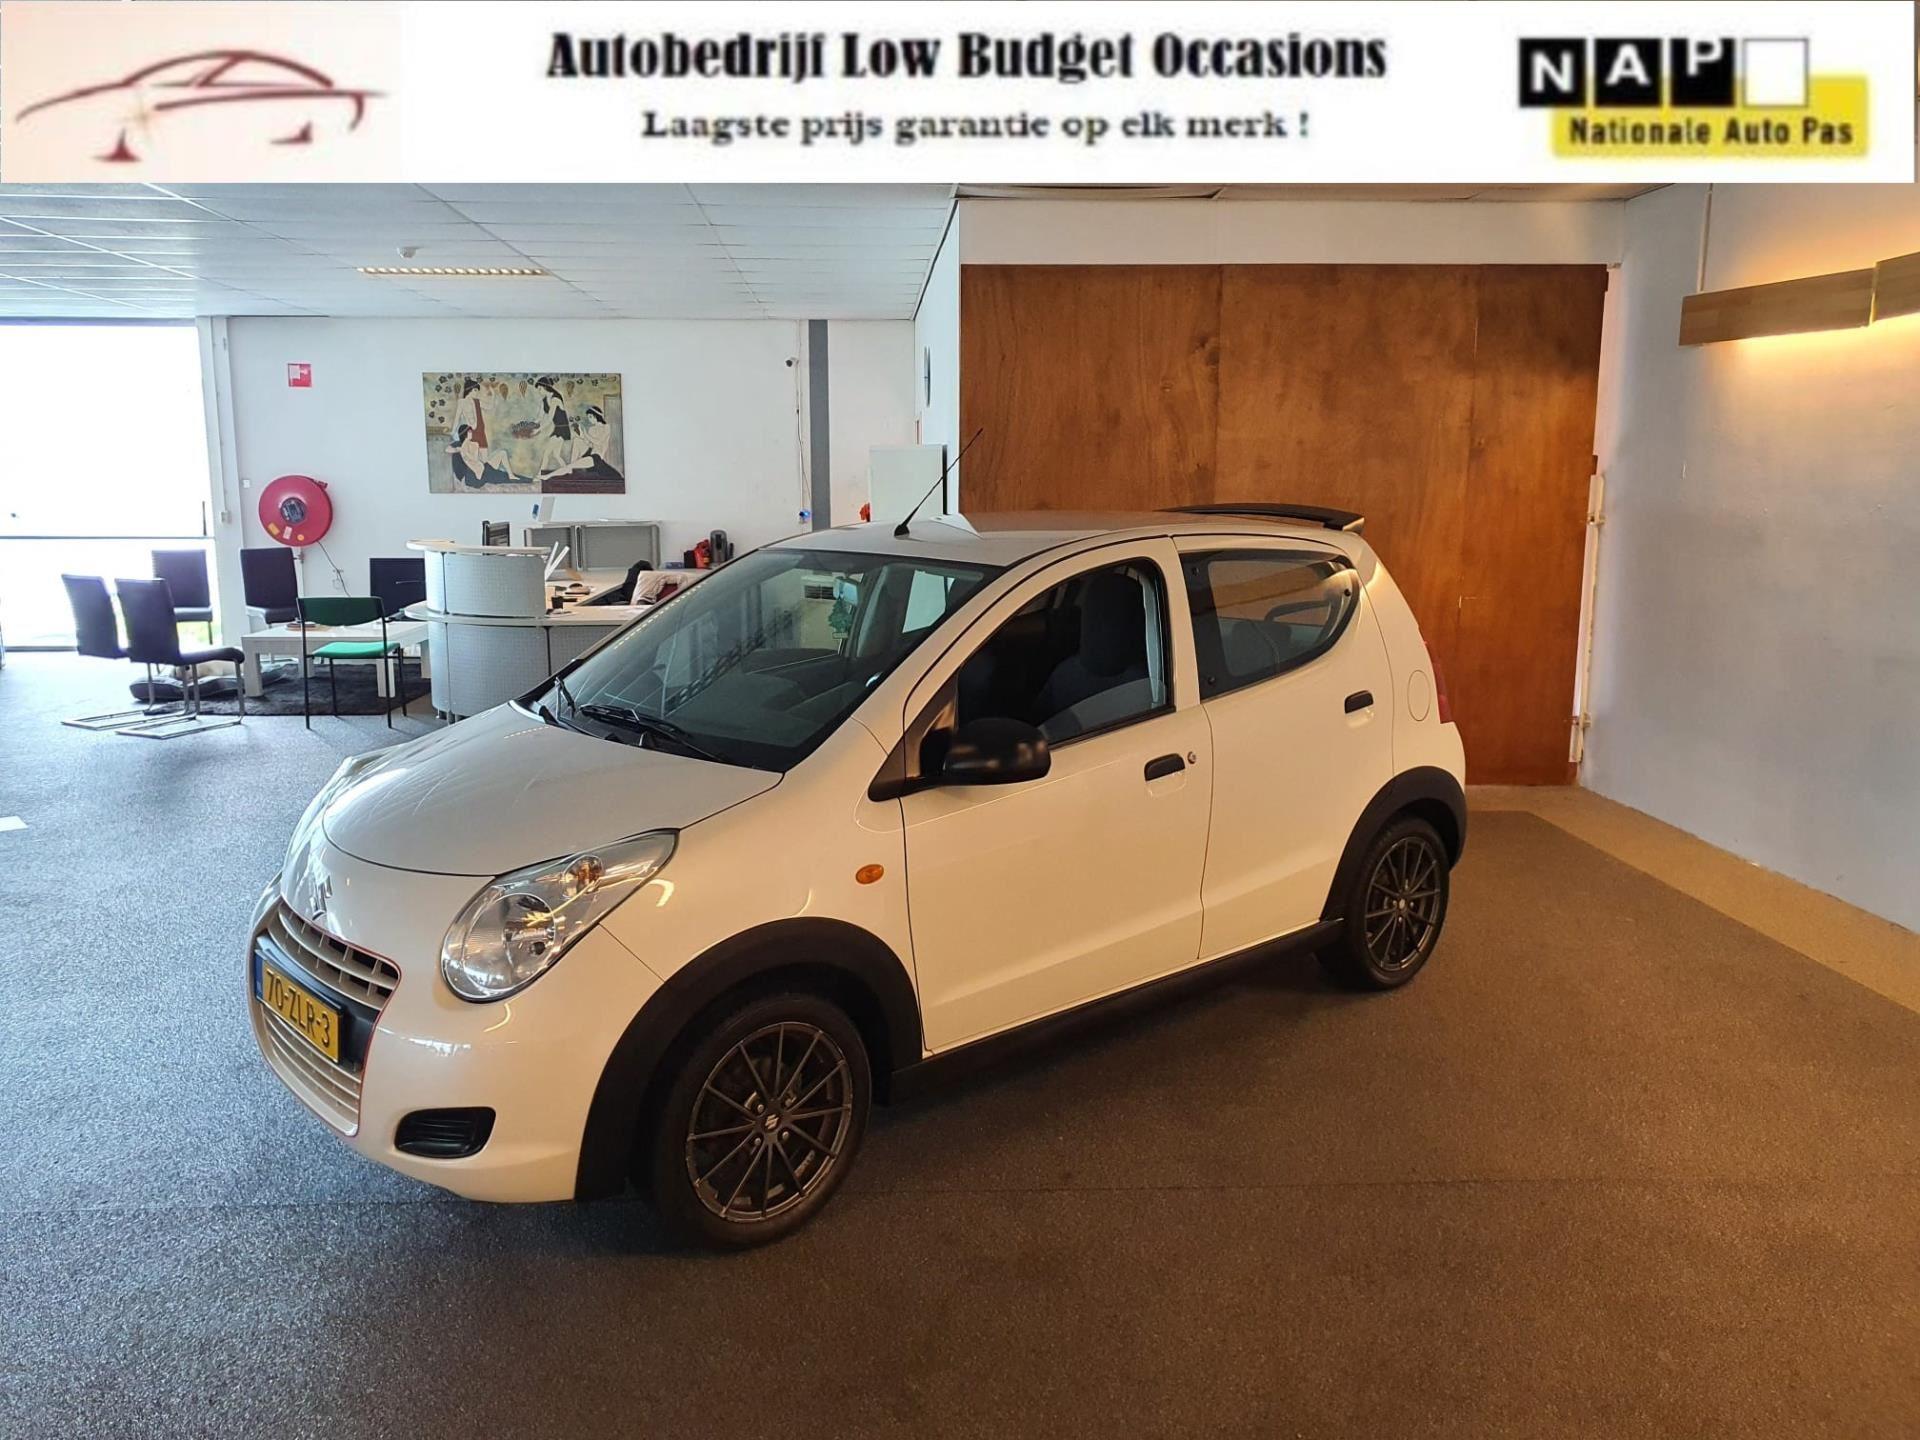 Suzuki Alto occasion - Low Budget Occasions